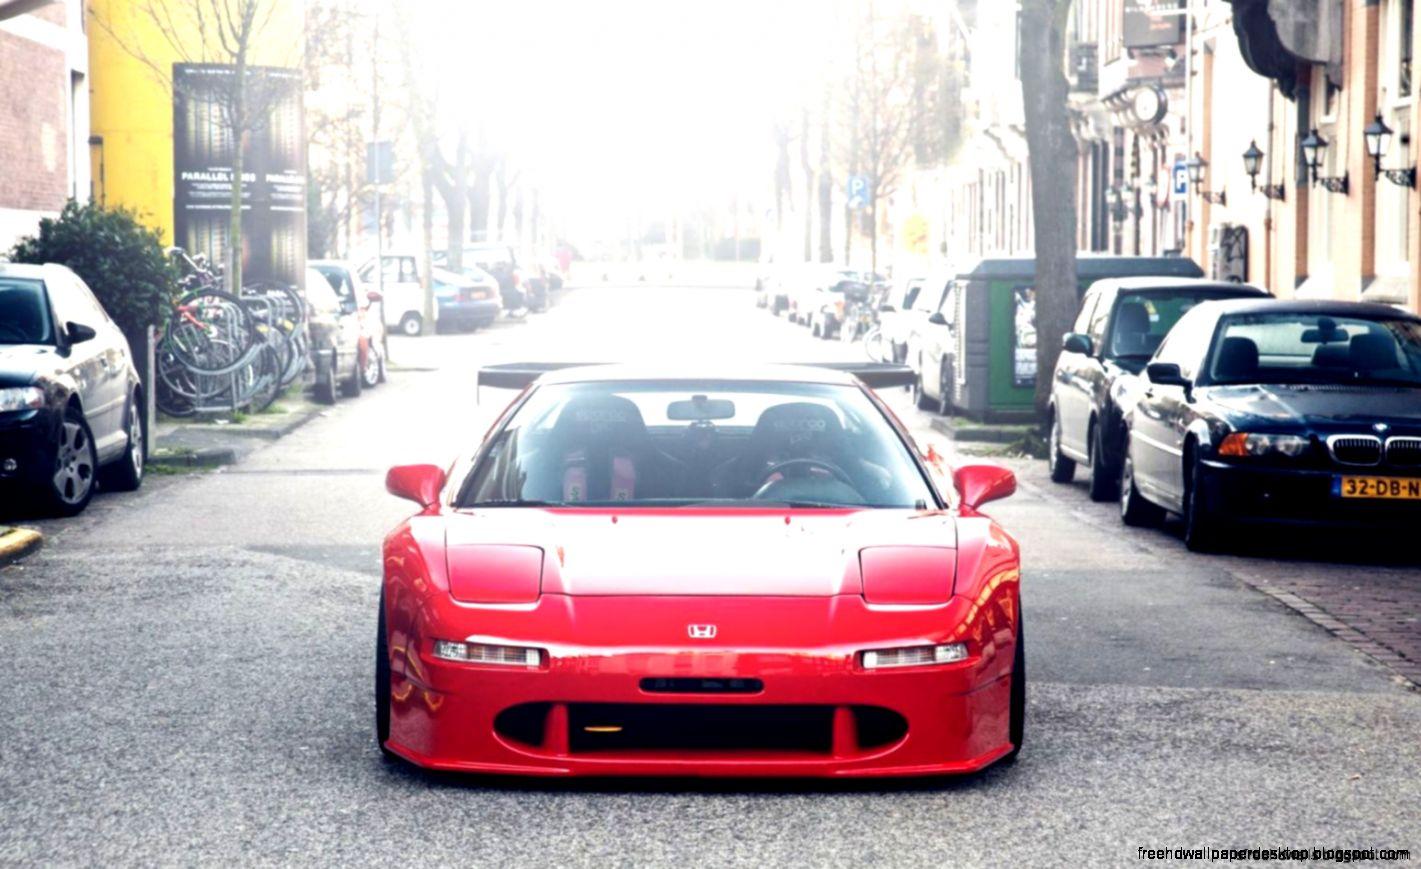 Honda Nsx Red Car Parking Hd Wallpaper  Best Desktop Wallpapers